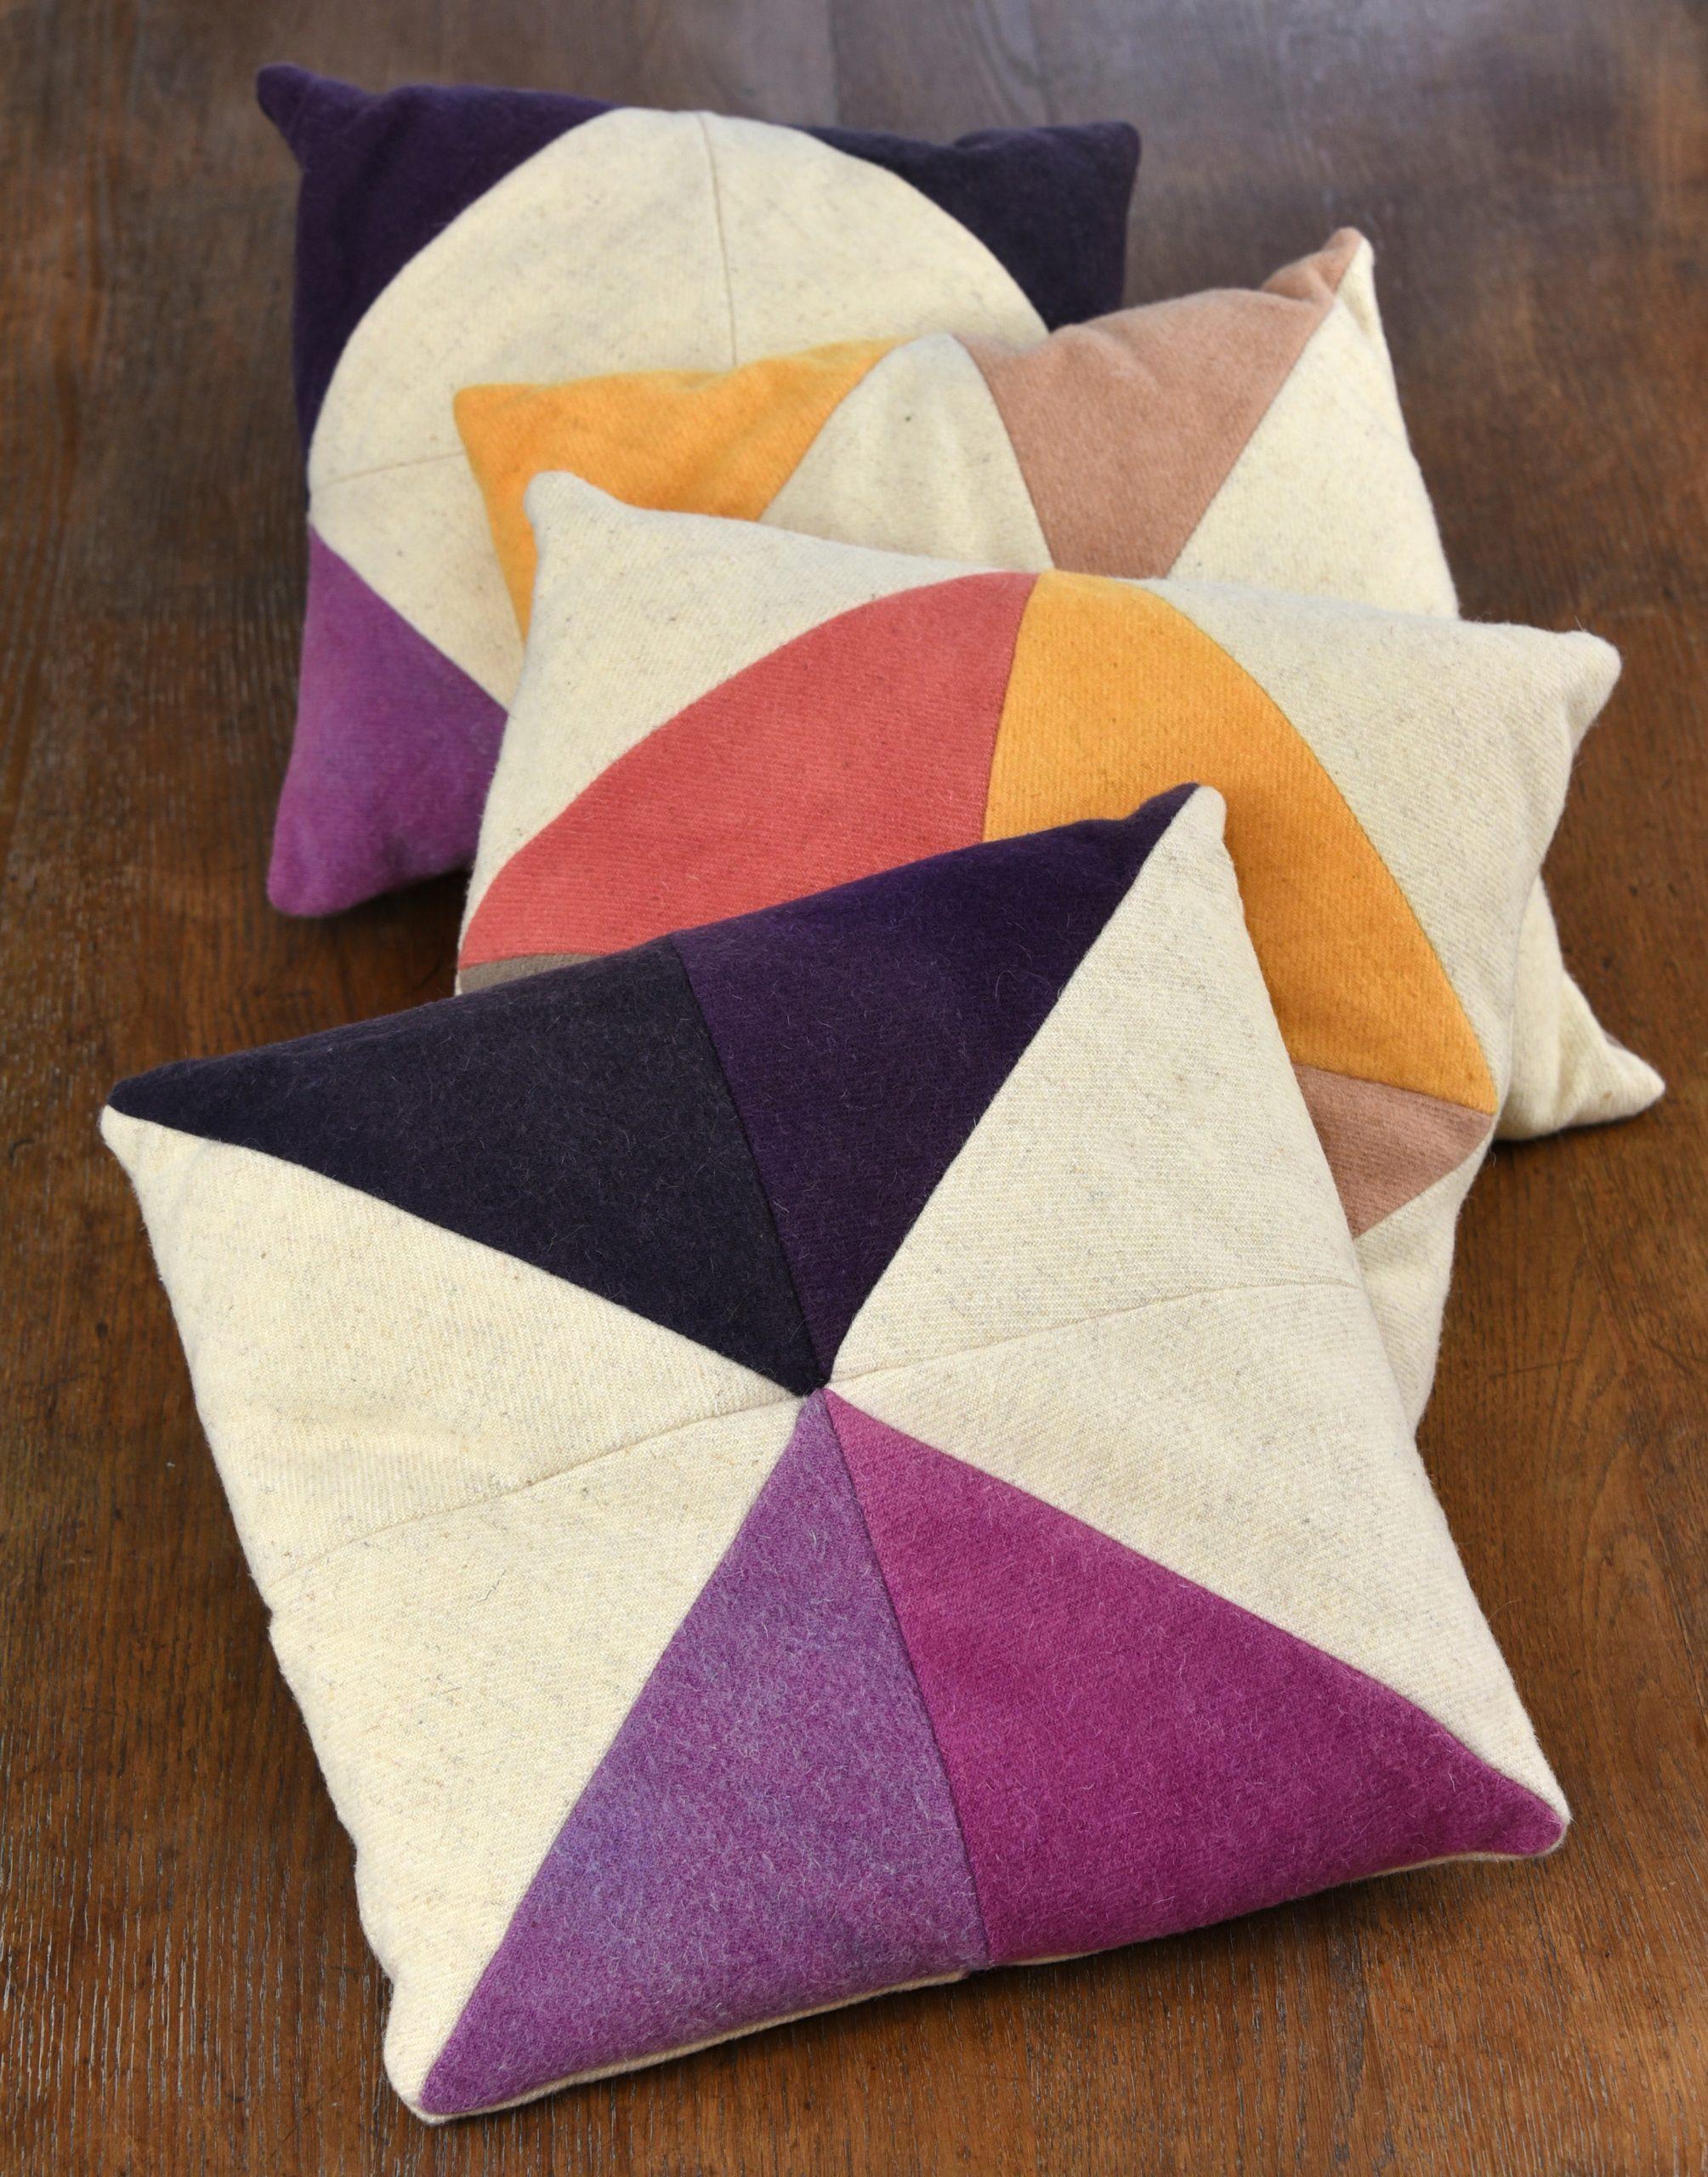 Le coussin Origami en laine